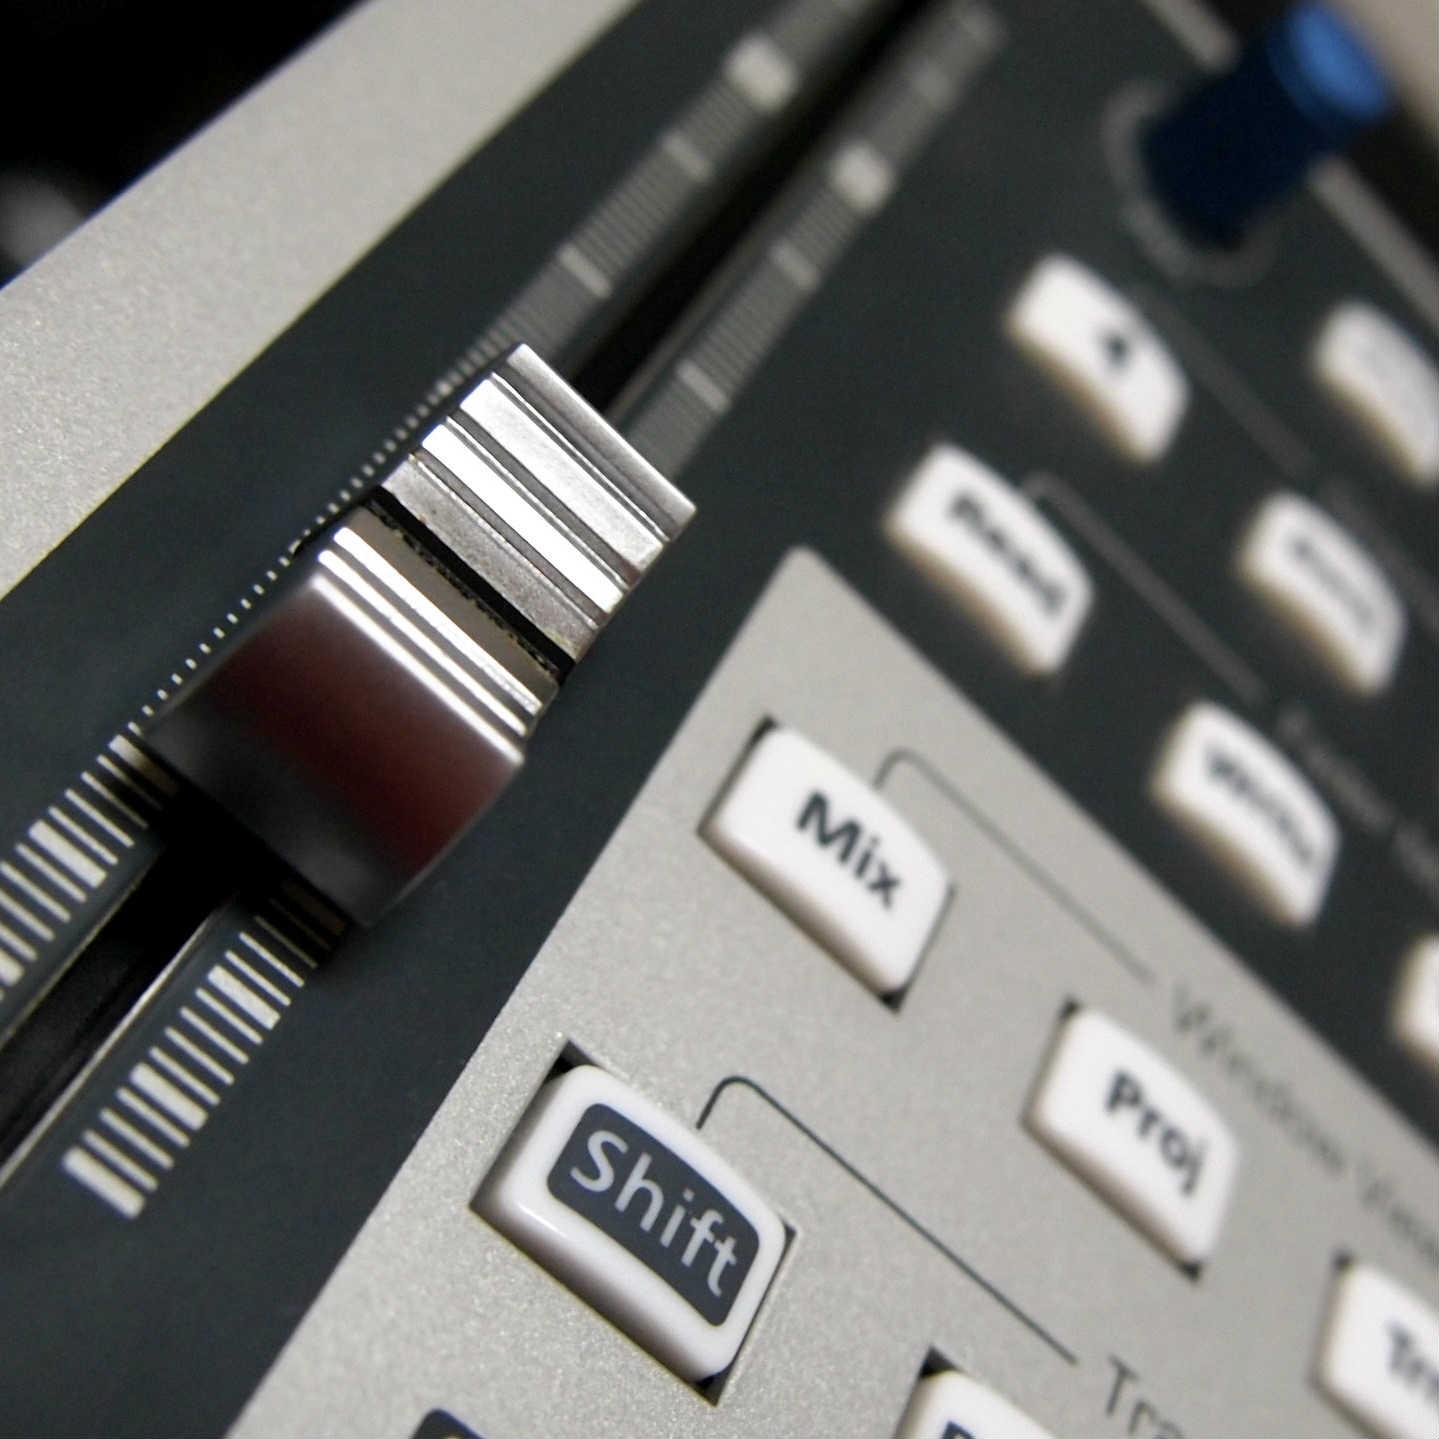 フェーダーで直感的にボリュームを操作できるフィジカルコントローラー、PreSonus FADERPORTのレビュー